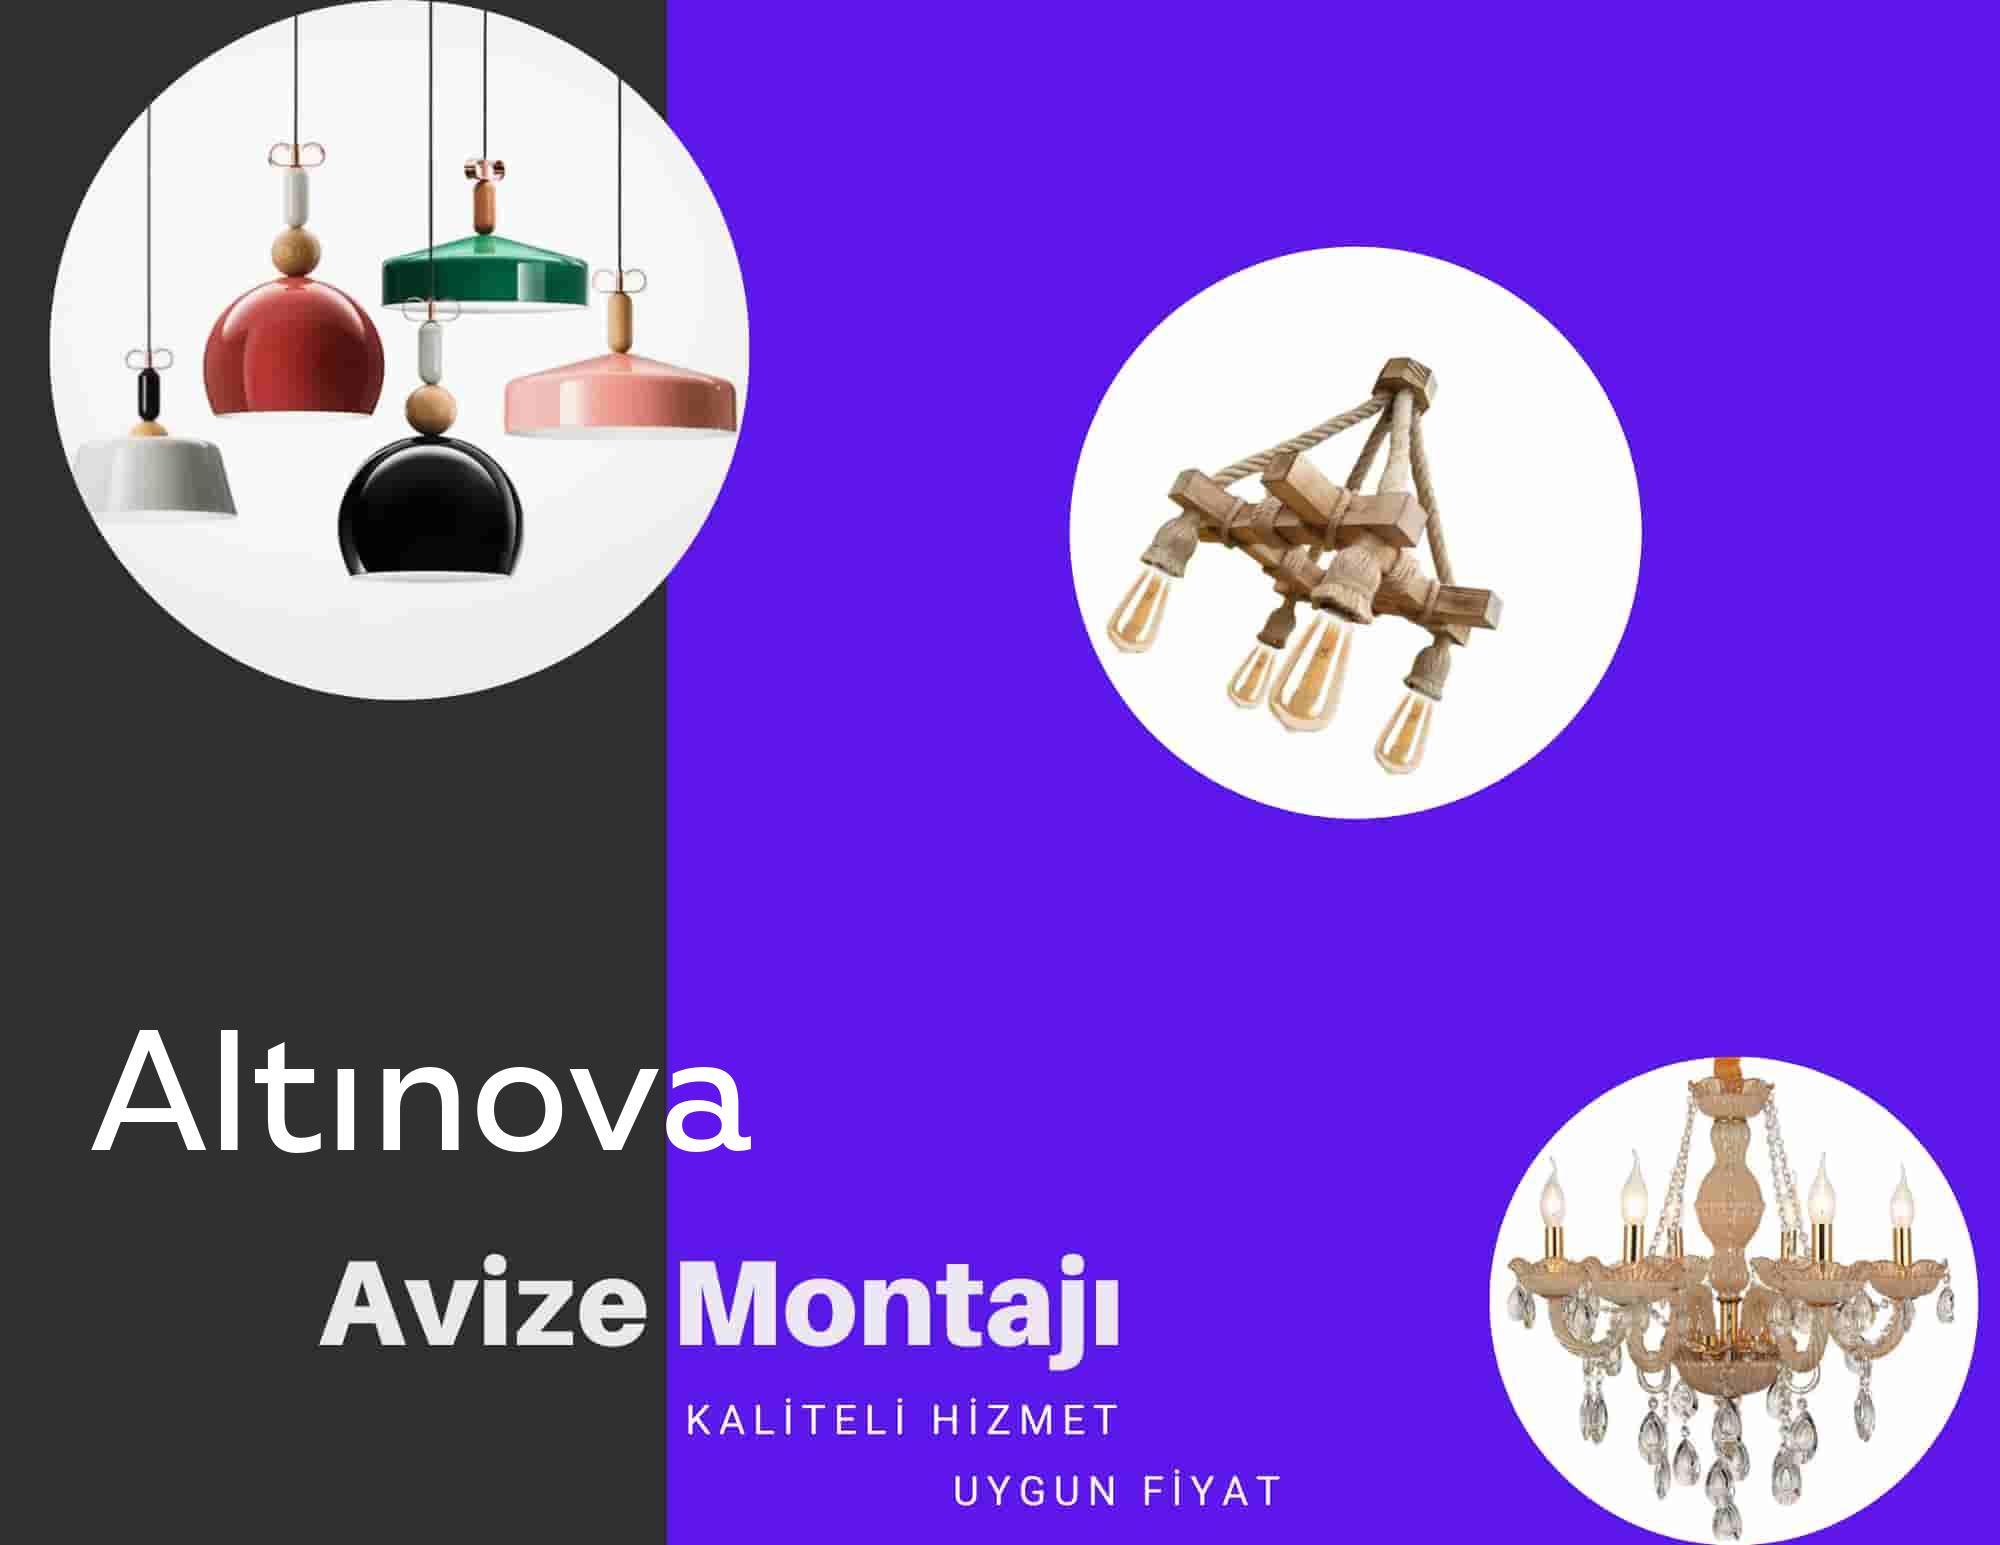 Altınova de avize montajı yapan yerler arıyorsanız elektrikcicagir anında size profesyonel avize montajı ustasını yönlendirir.